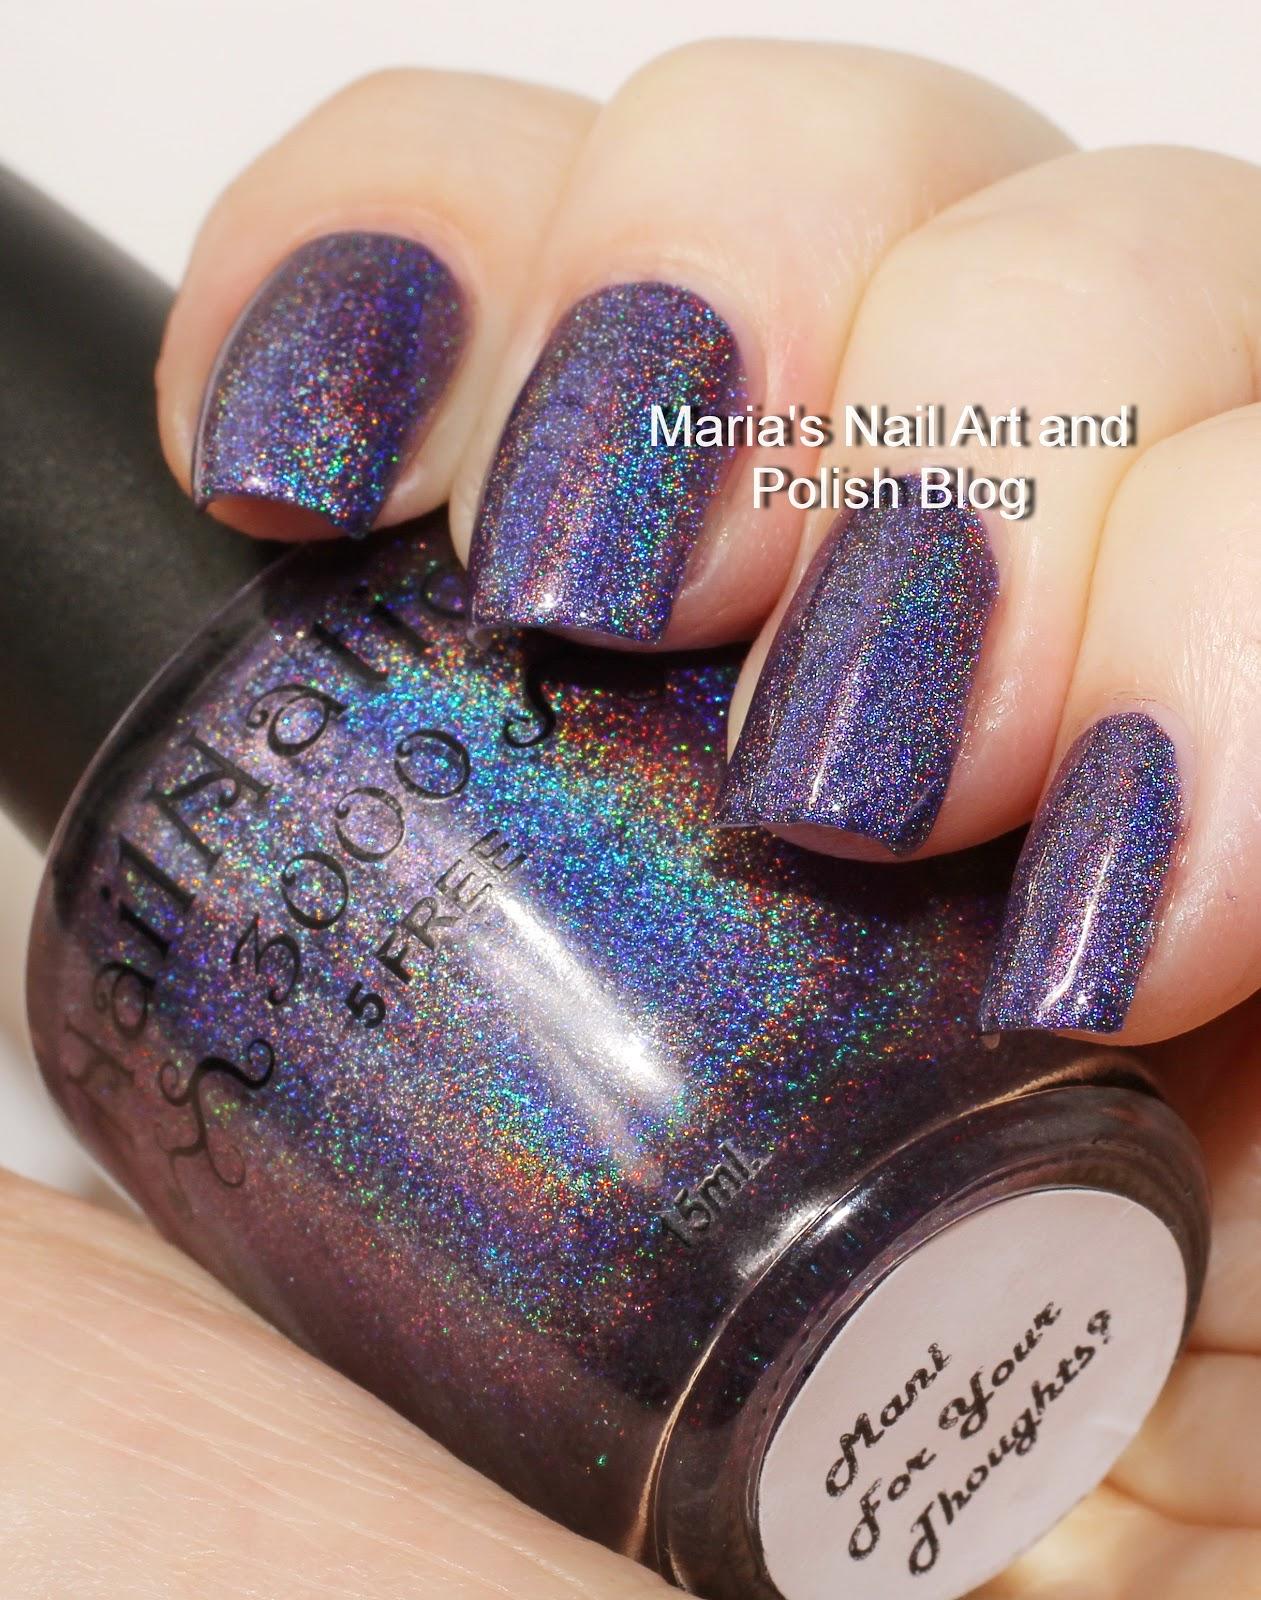 Marias Nail Art and Polish Blog: NailNation 3000 Mani For Your ...